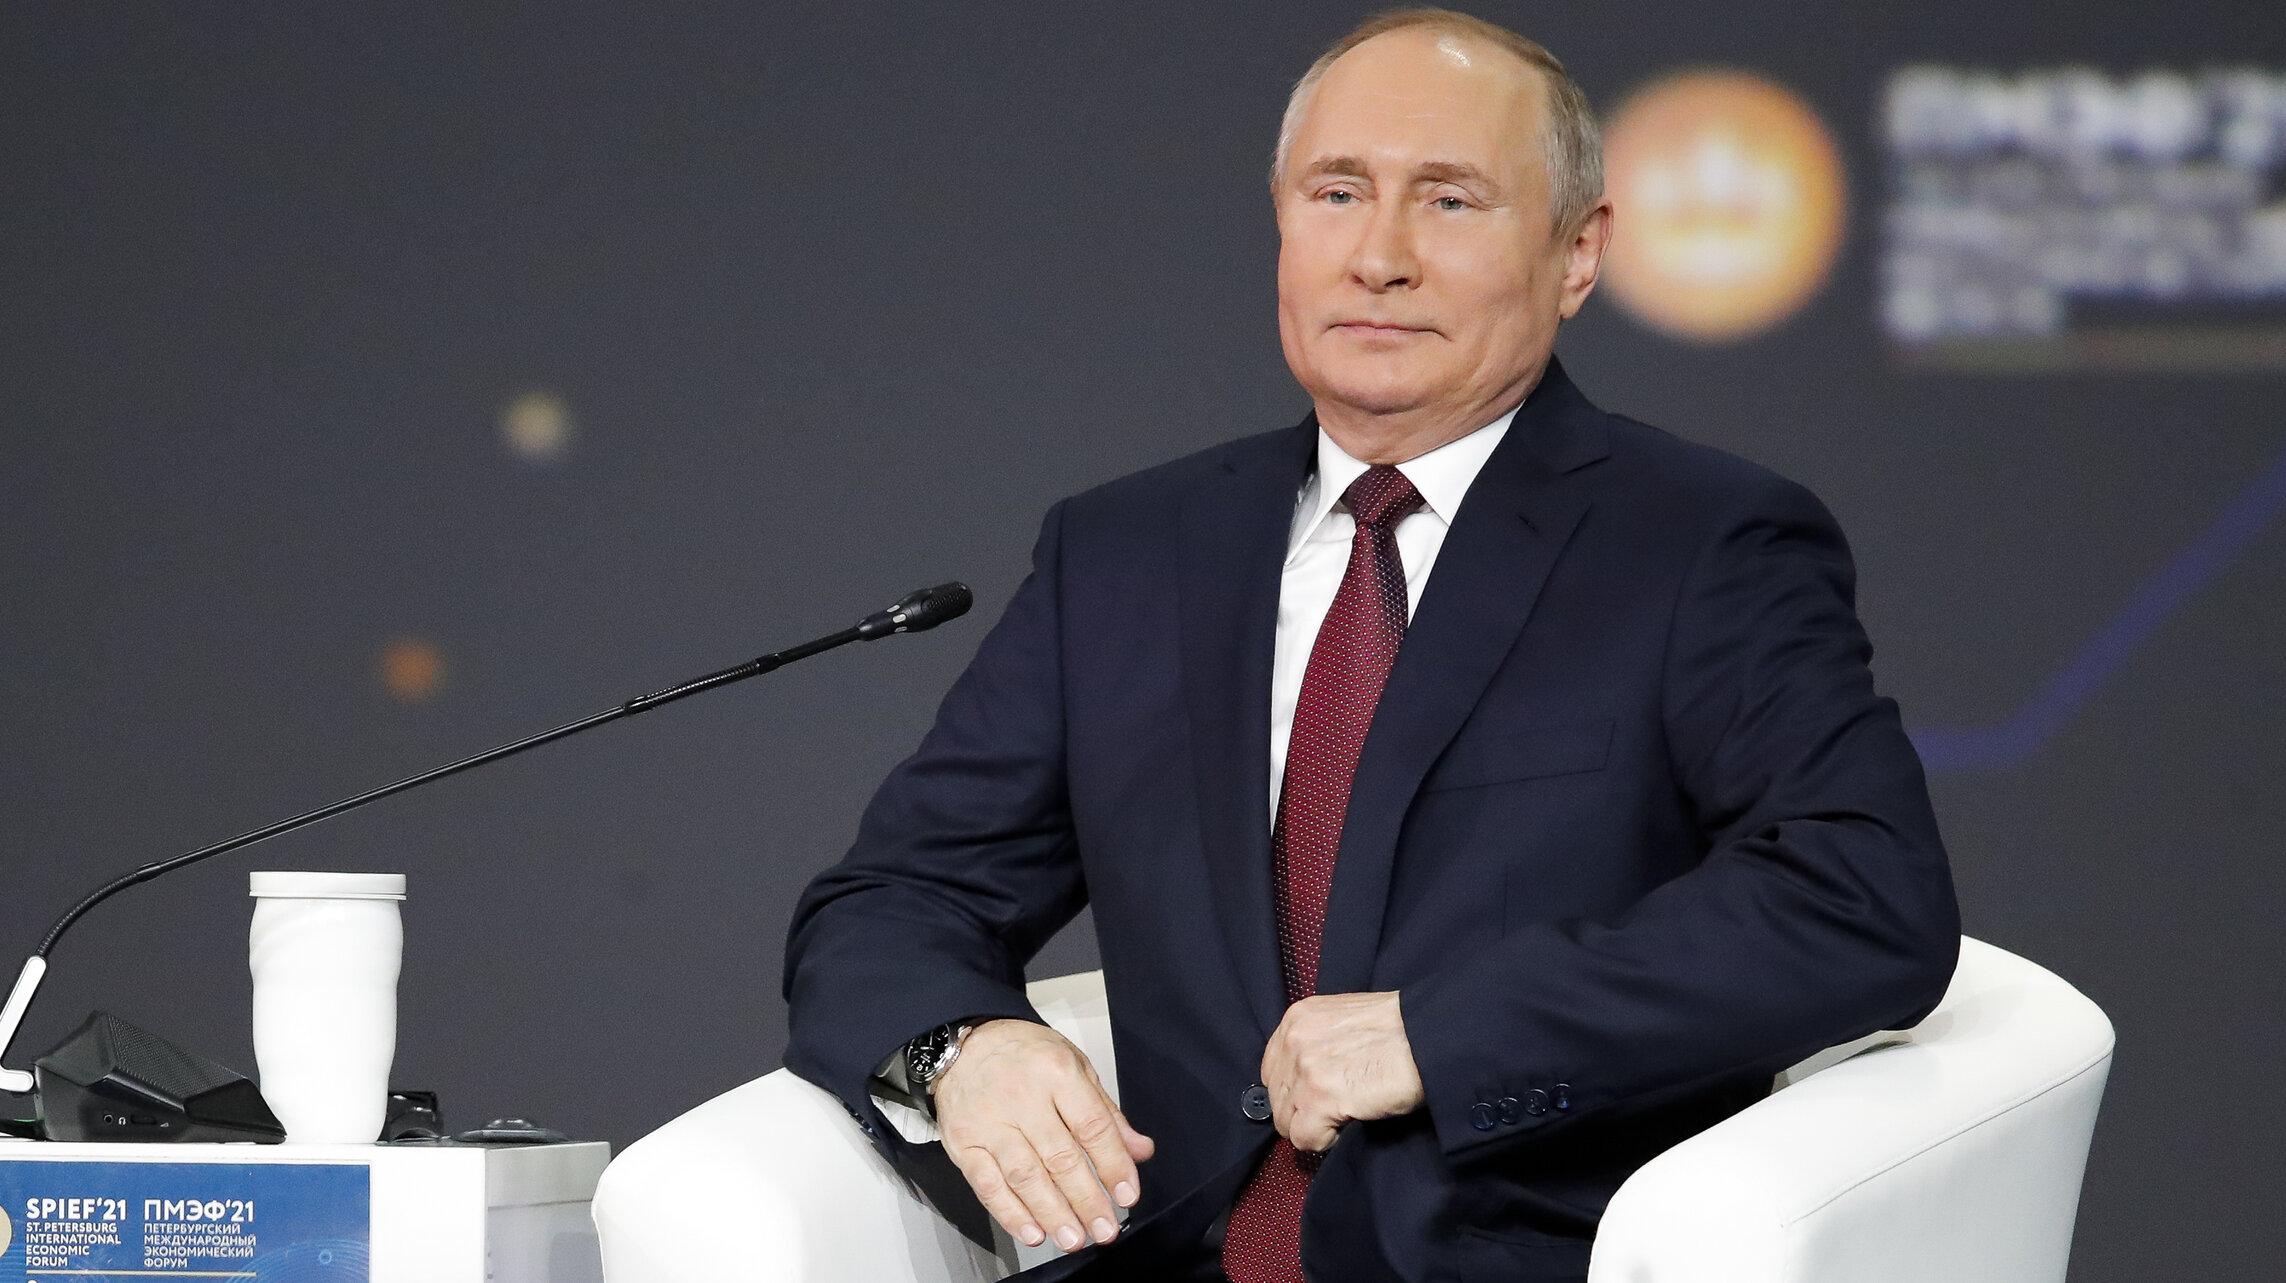 Vladimir Putin spune că nu poate garanta că Aleksei Navalnîi va ieși viu din închisoare